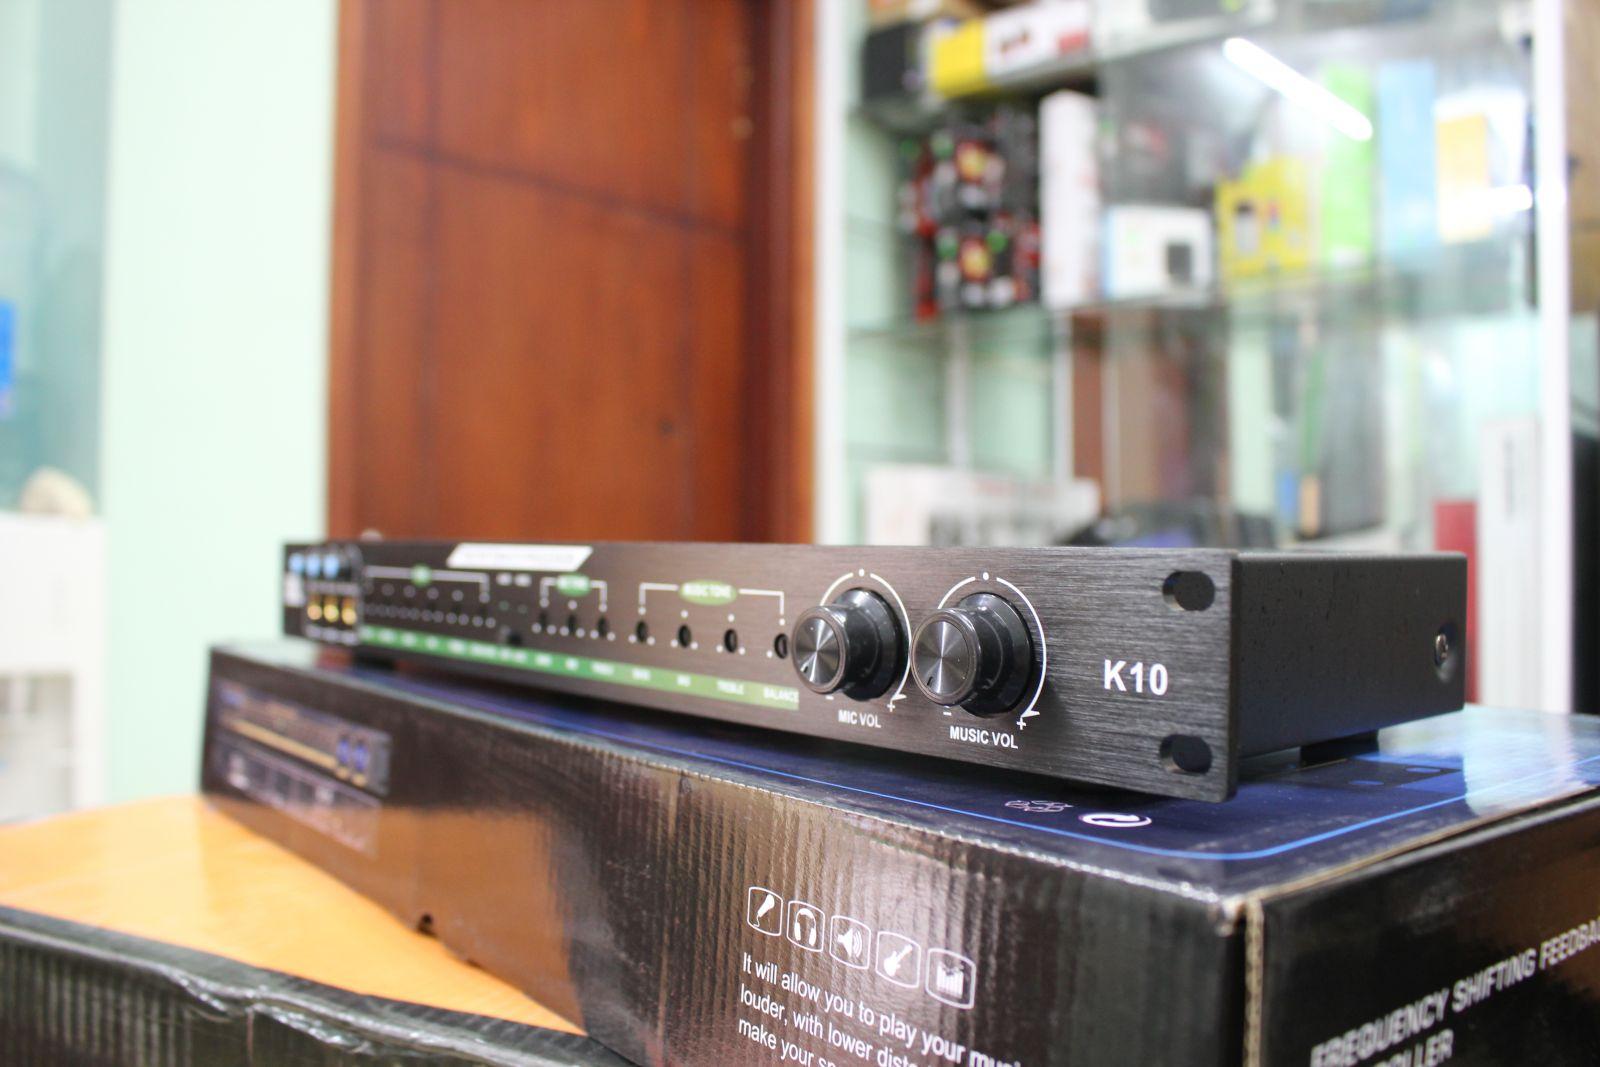 vang cơ k10